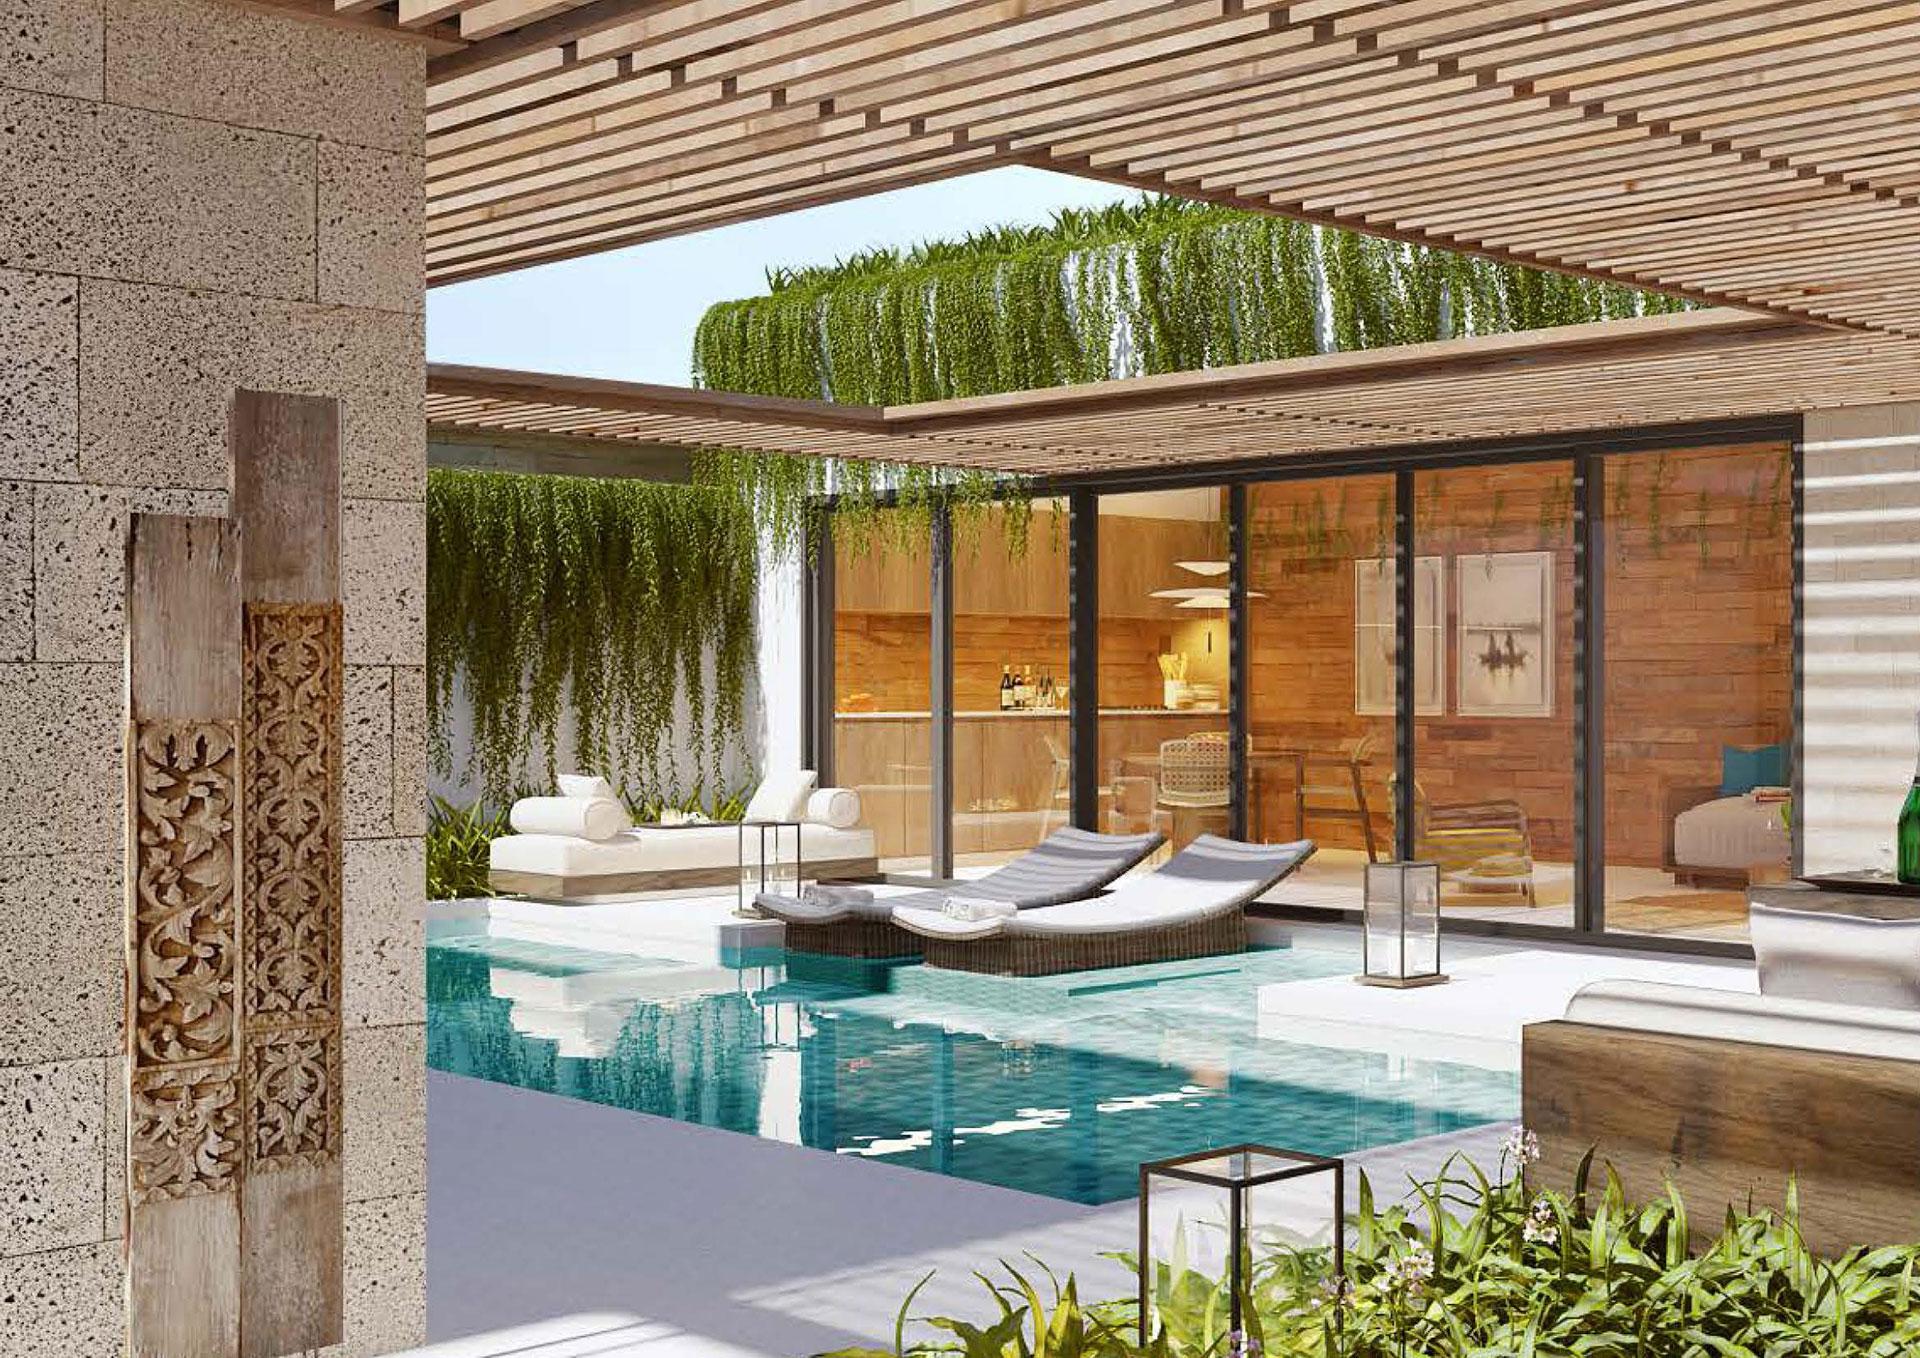 Qudos Resort